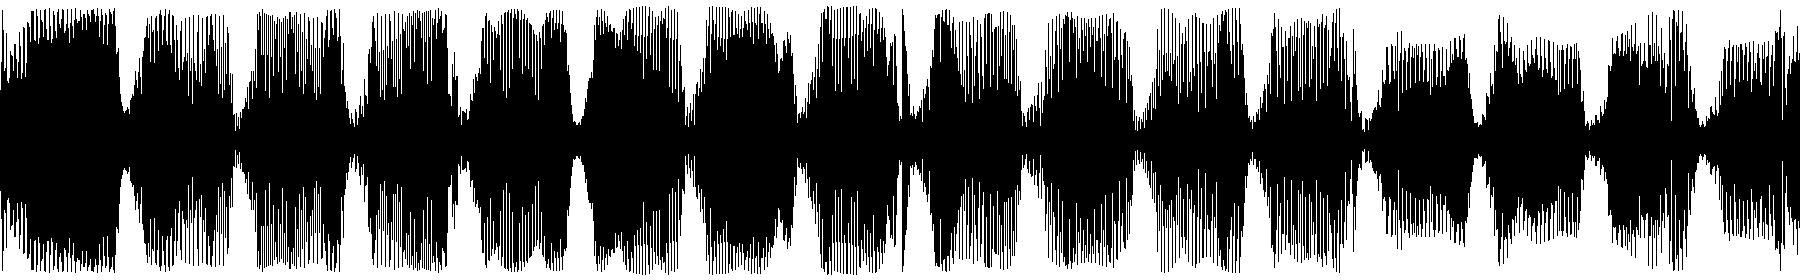 wooble bass 125